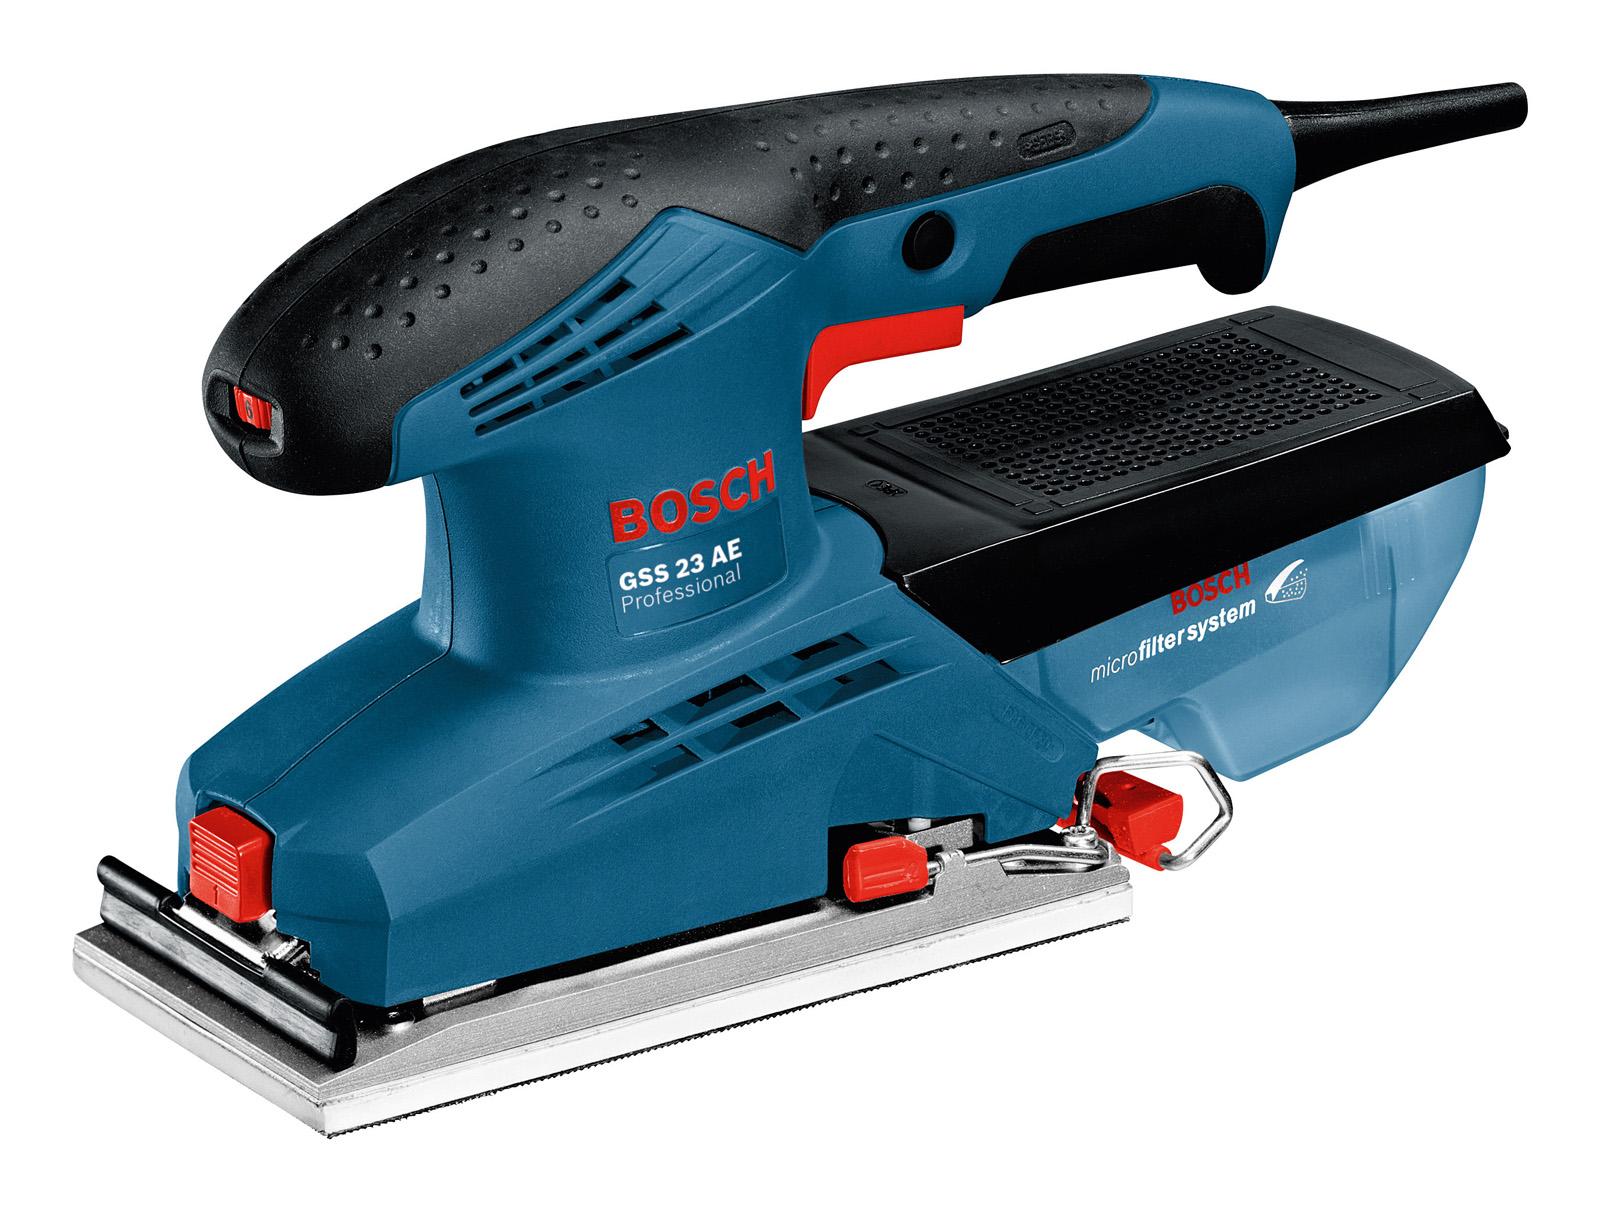 Машинка шлифовальная плоская (вибрационная) Bosch Gss 23 ae (0.601.070.721) вибрационная шлифовальная машина bosch pss 200 ac 0603340120